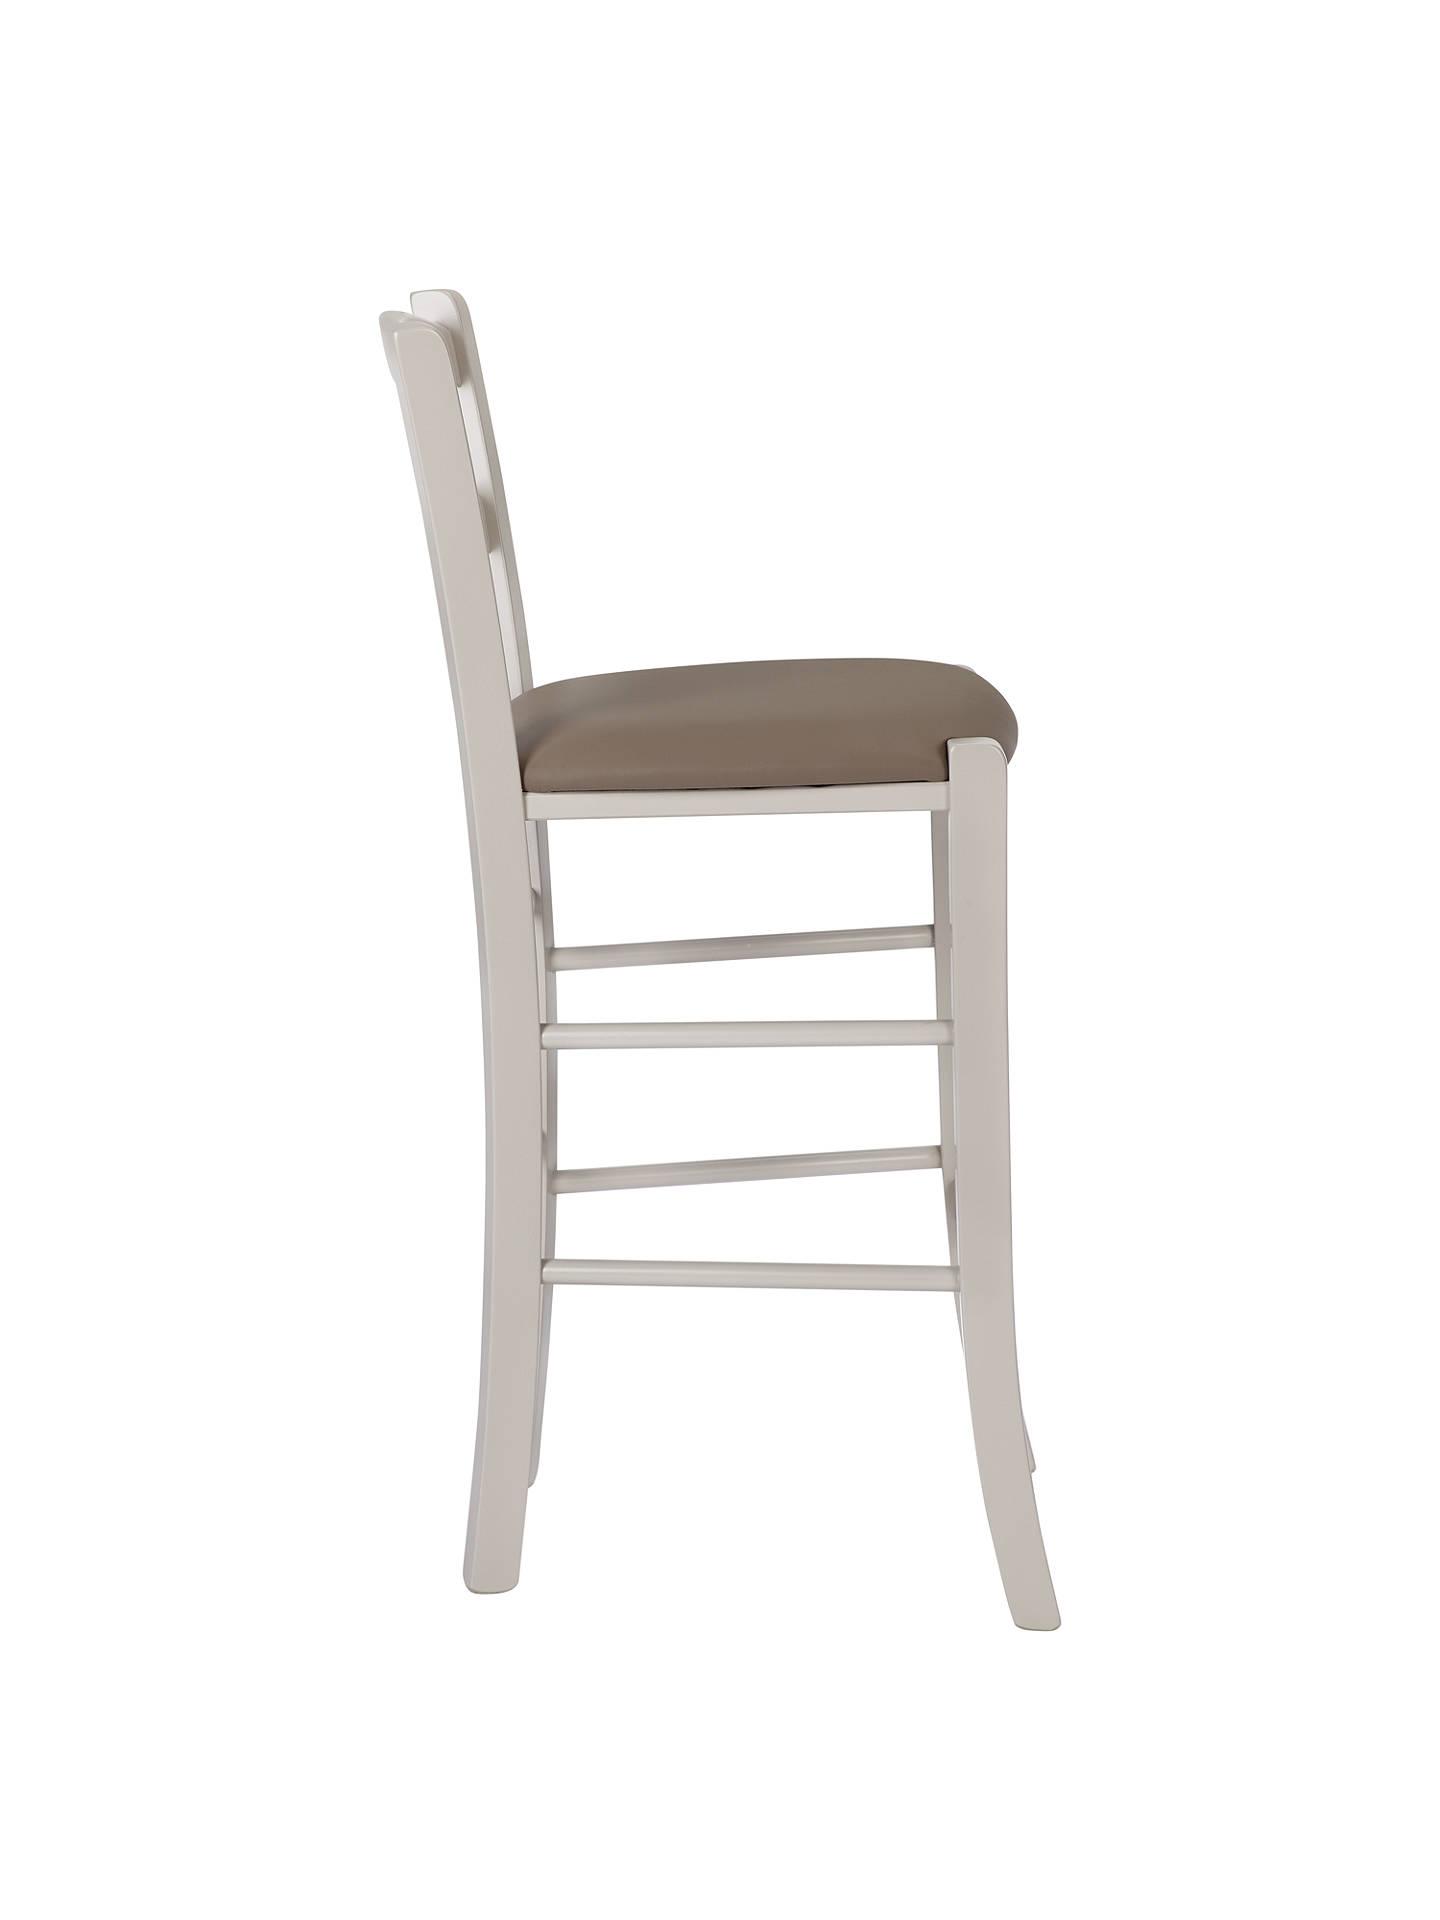 John Lewis & Partners Tavern Bar Chair, Cream, FSC-Certified (Beech)